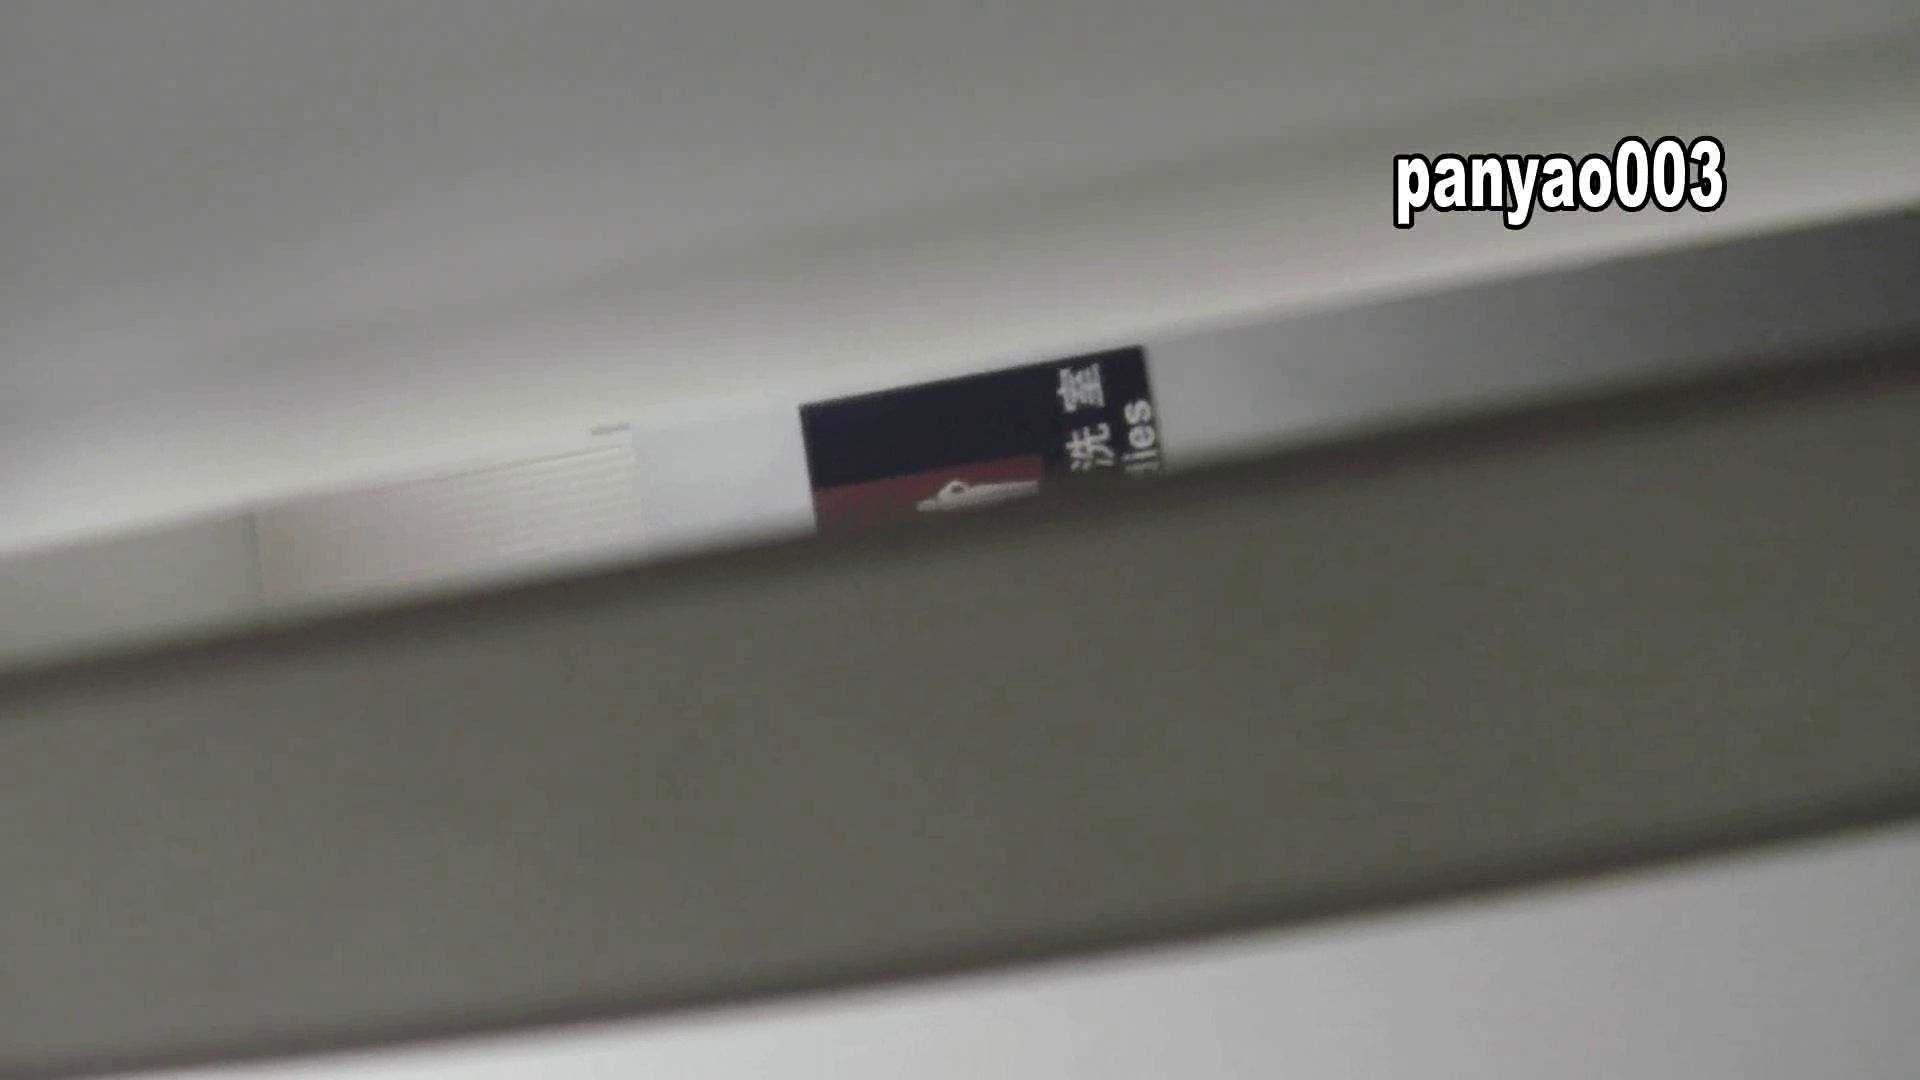 日本成人用品展览会。vol.03 ミリミリミリィ 潜入突撃 | 着替え  79pic 73